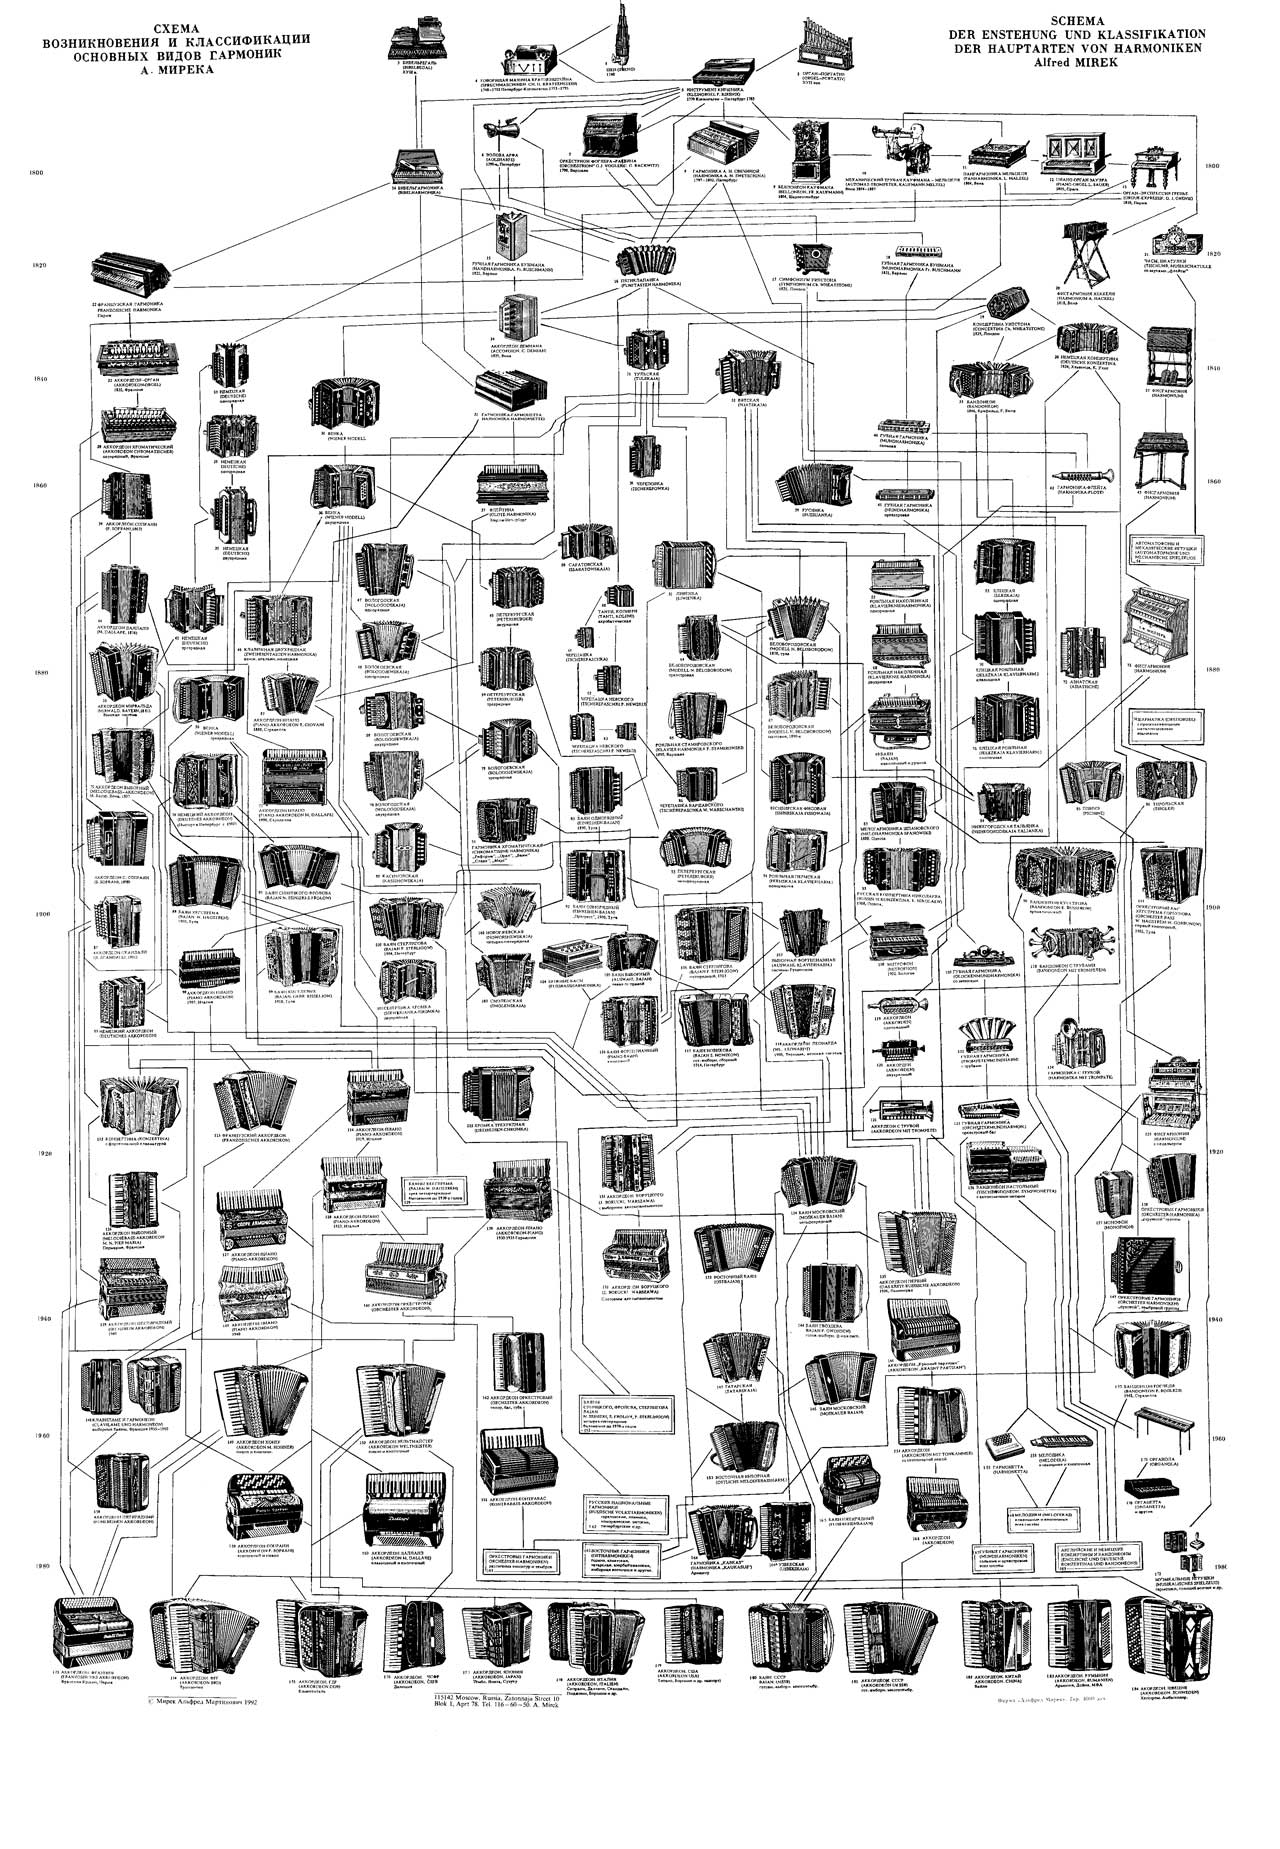 Схема-родословная язычковых инструментов А.Мирека